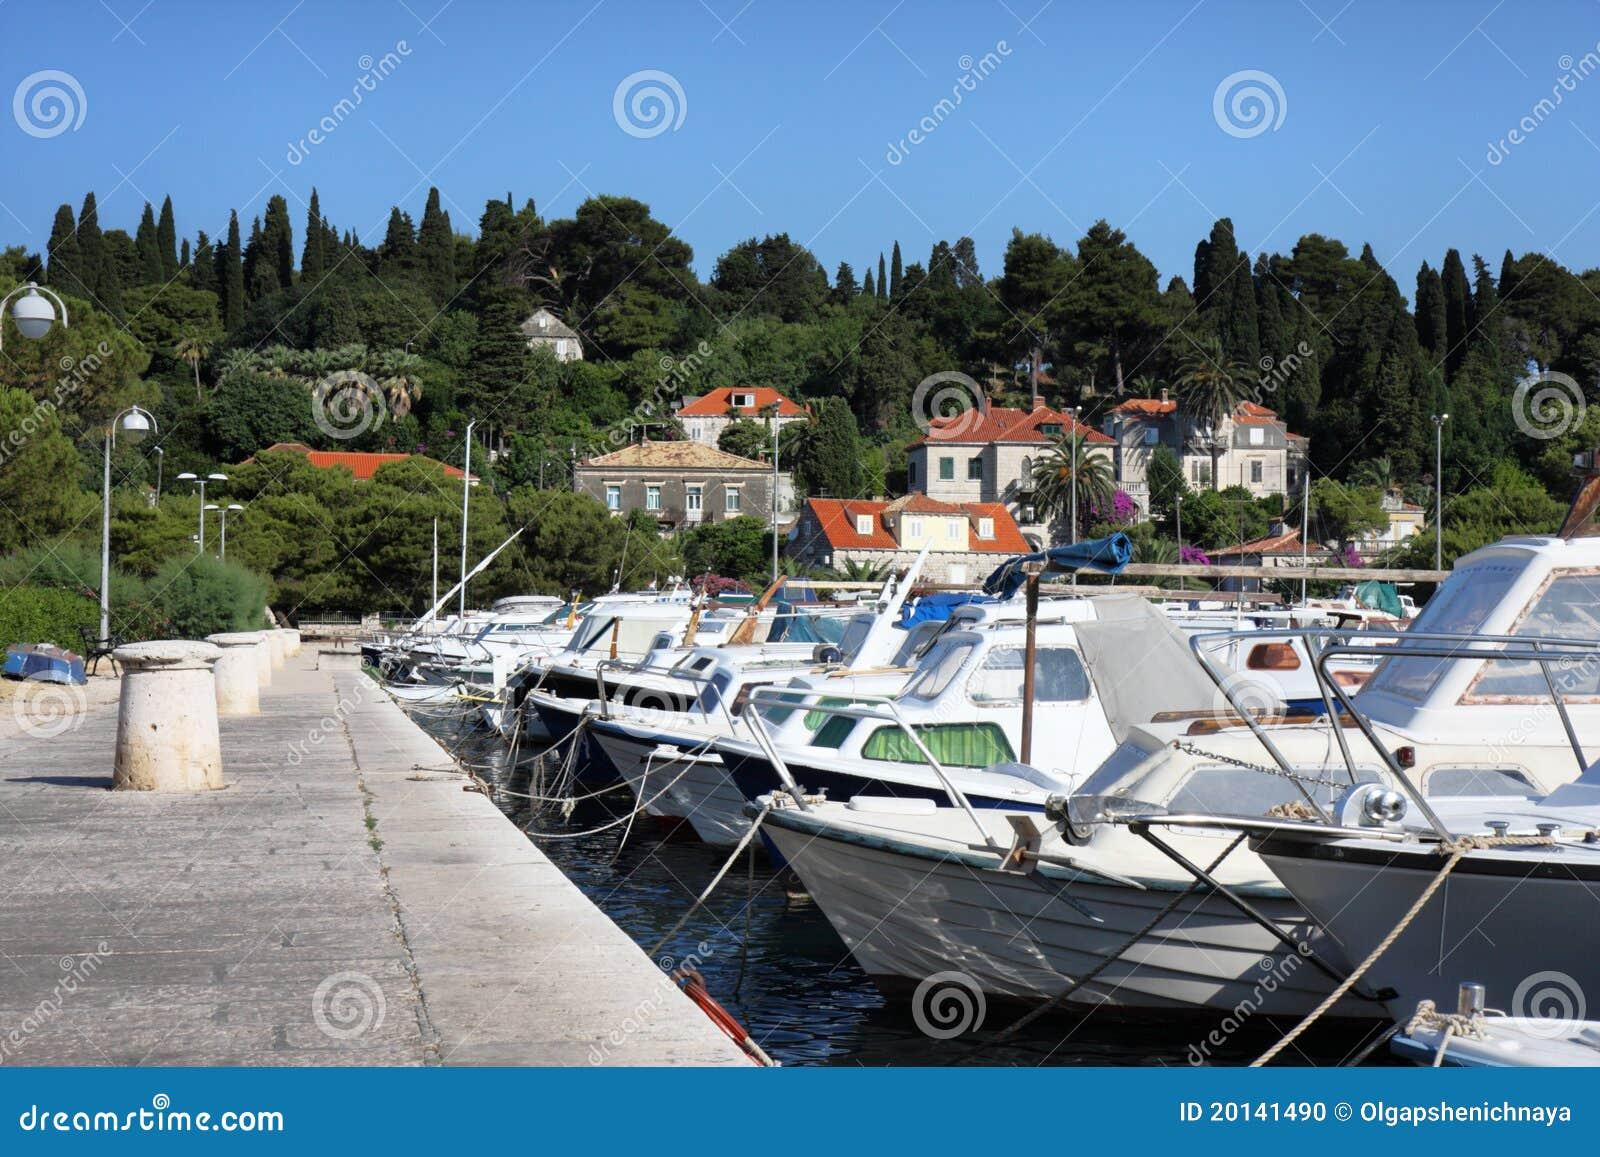 Boats at the mooring